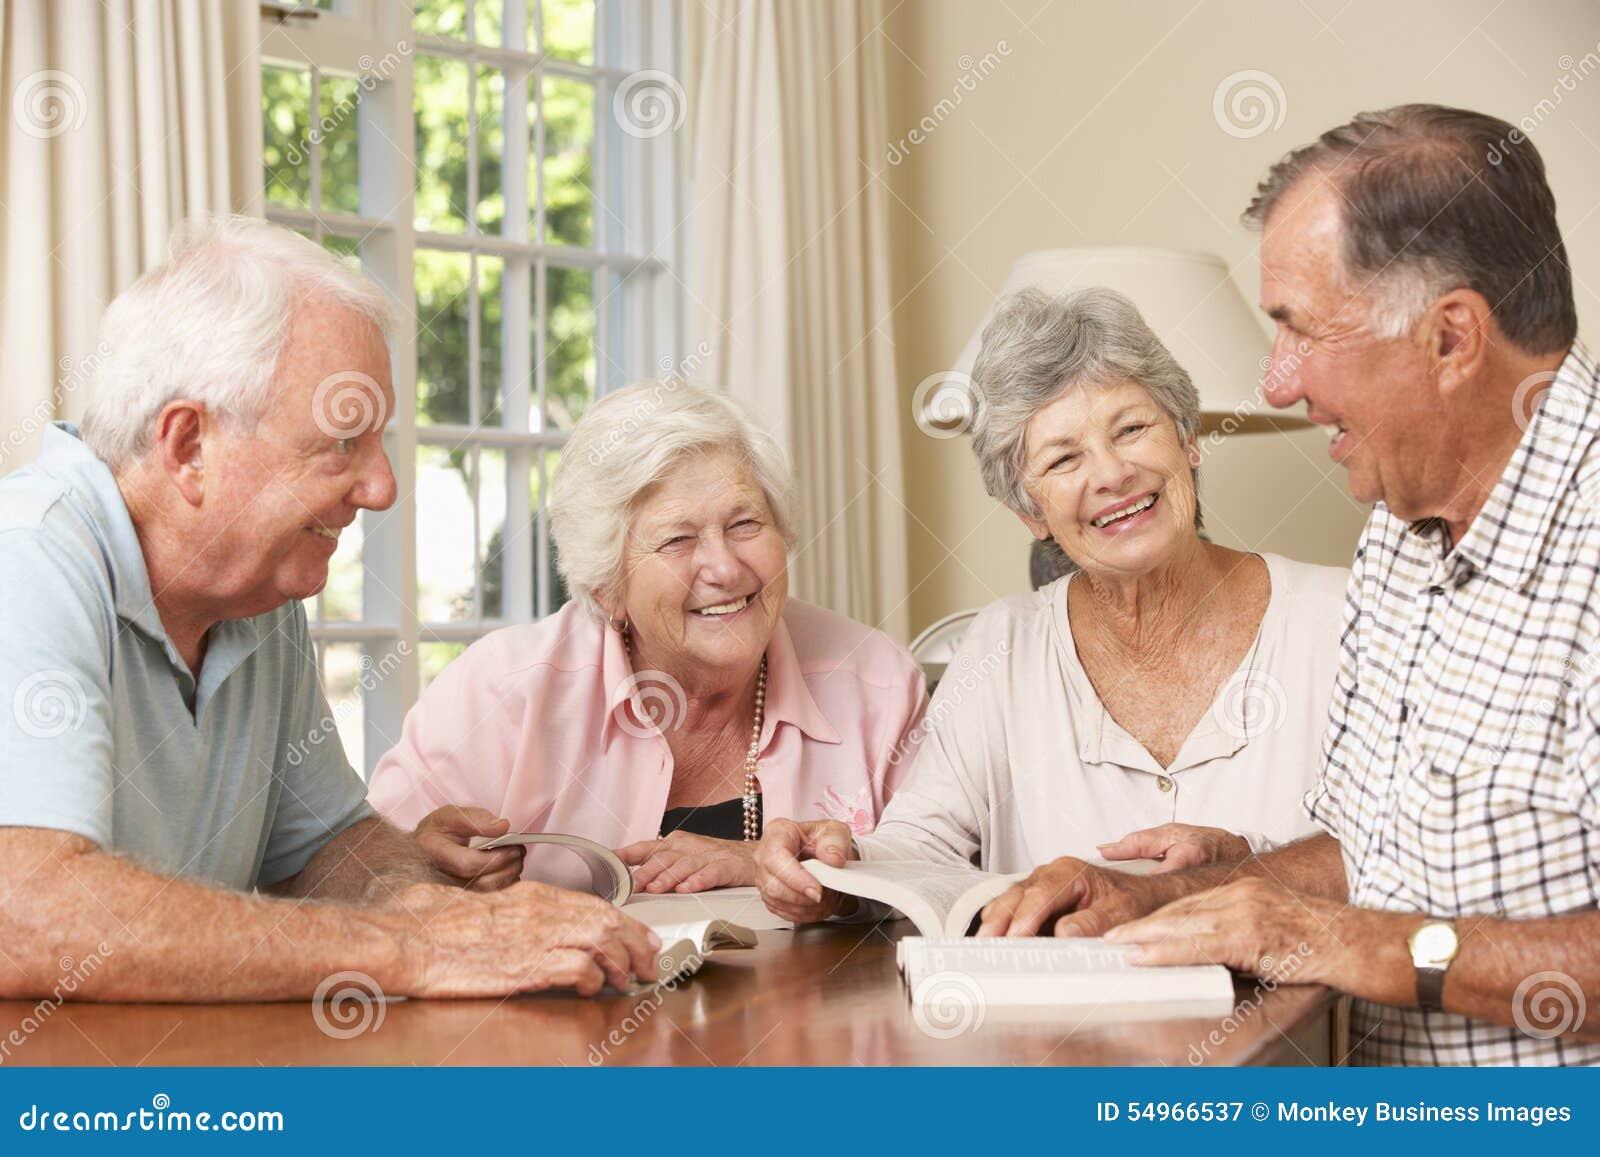 Ομάδα ανώτερων ζευγών που παρευρίσκονται στην ομάδα ανάγνωσης βιβλίων